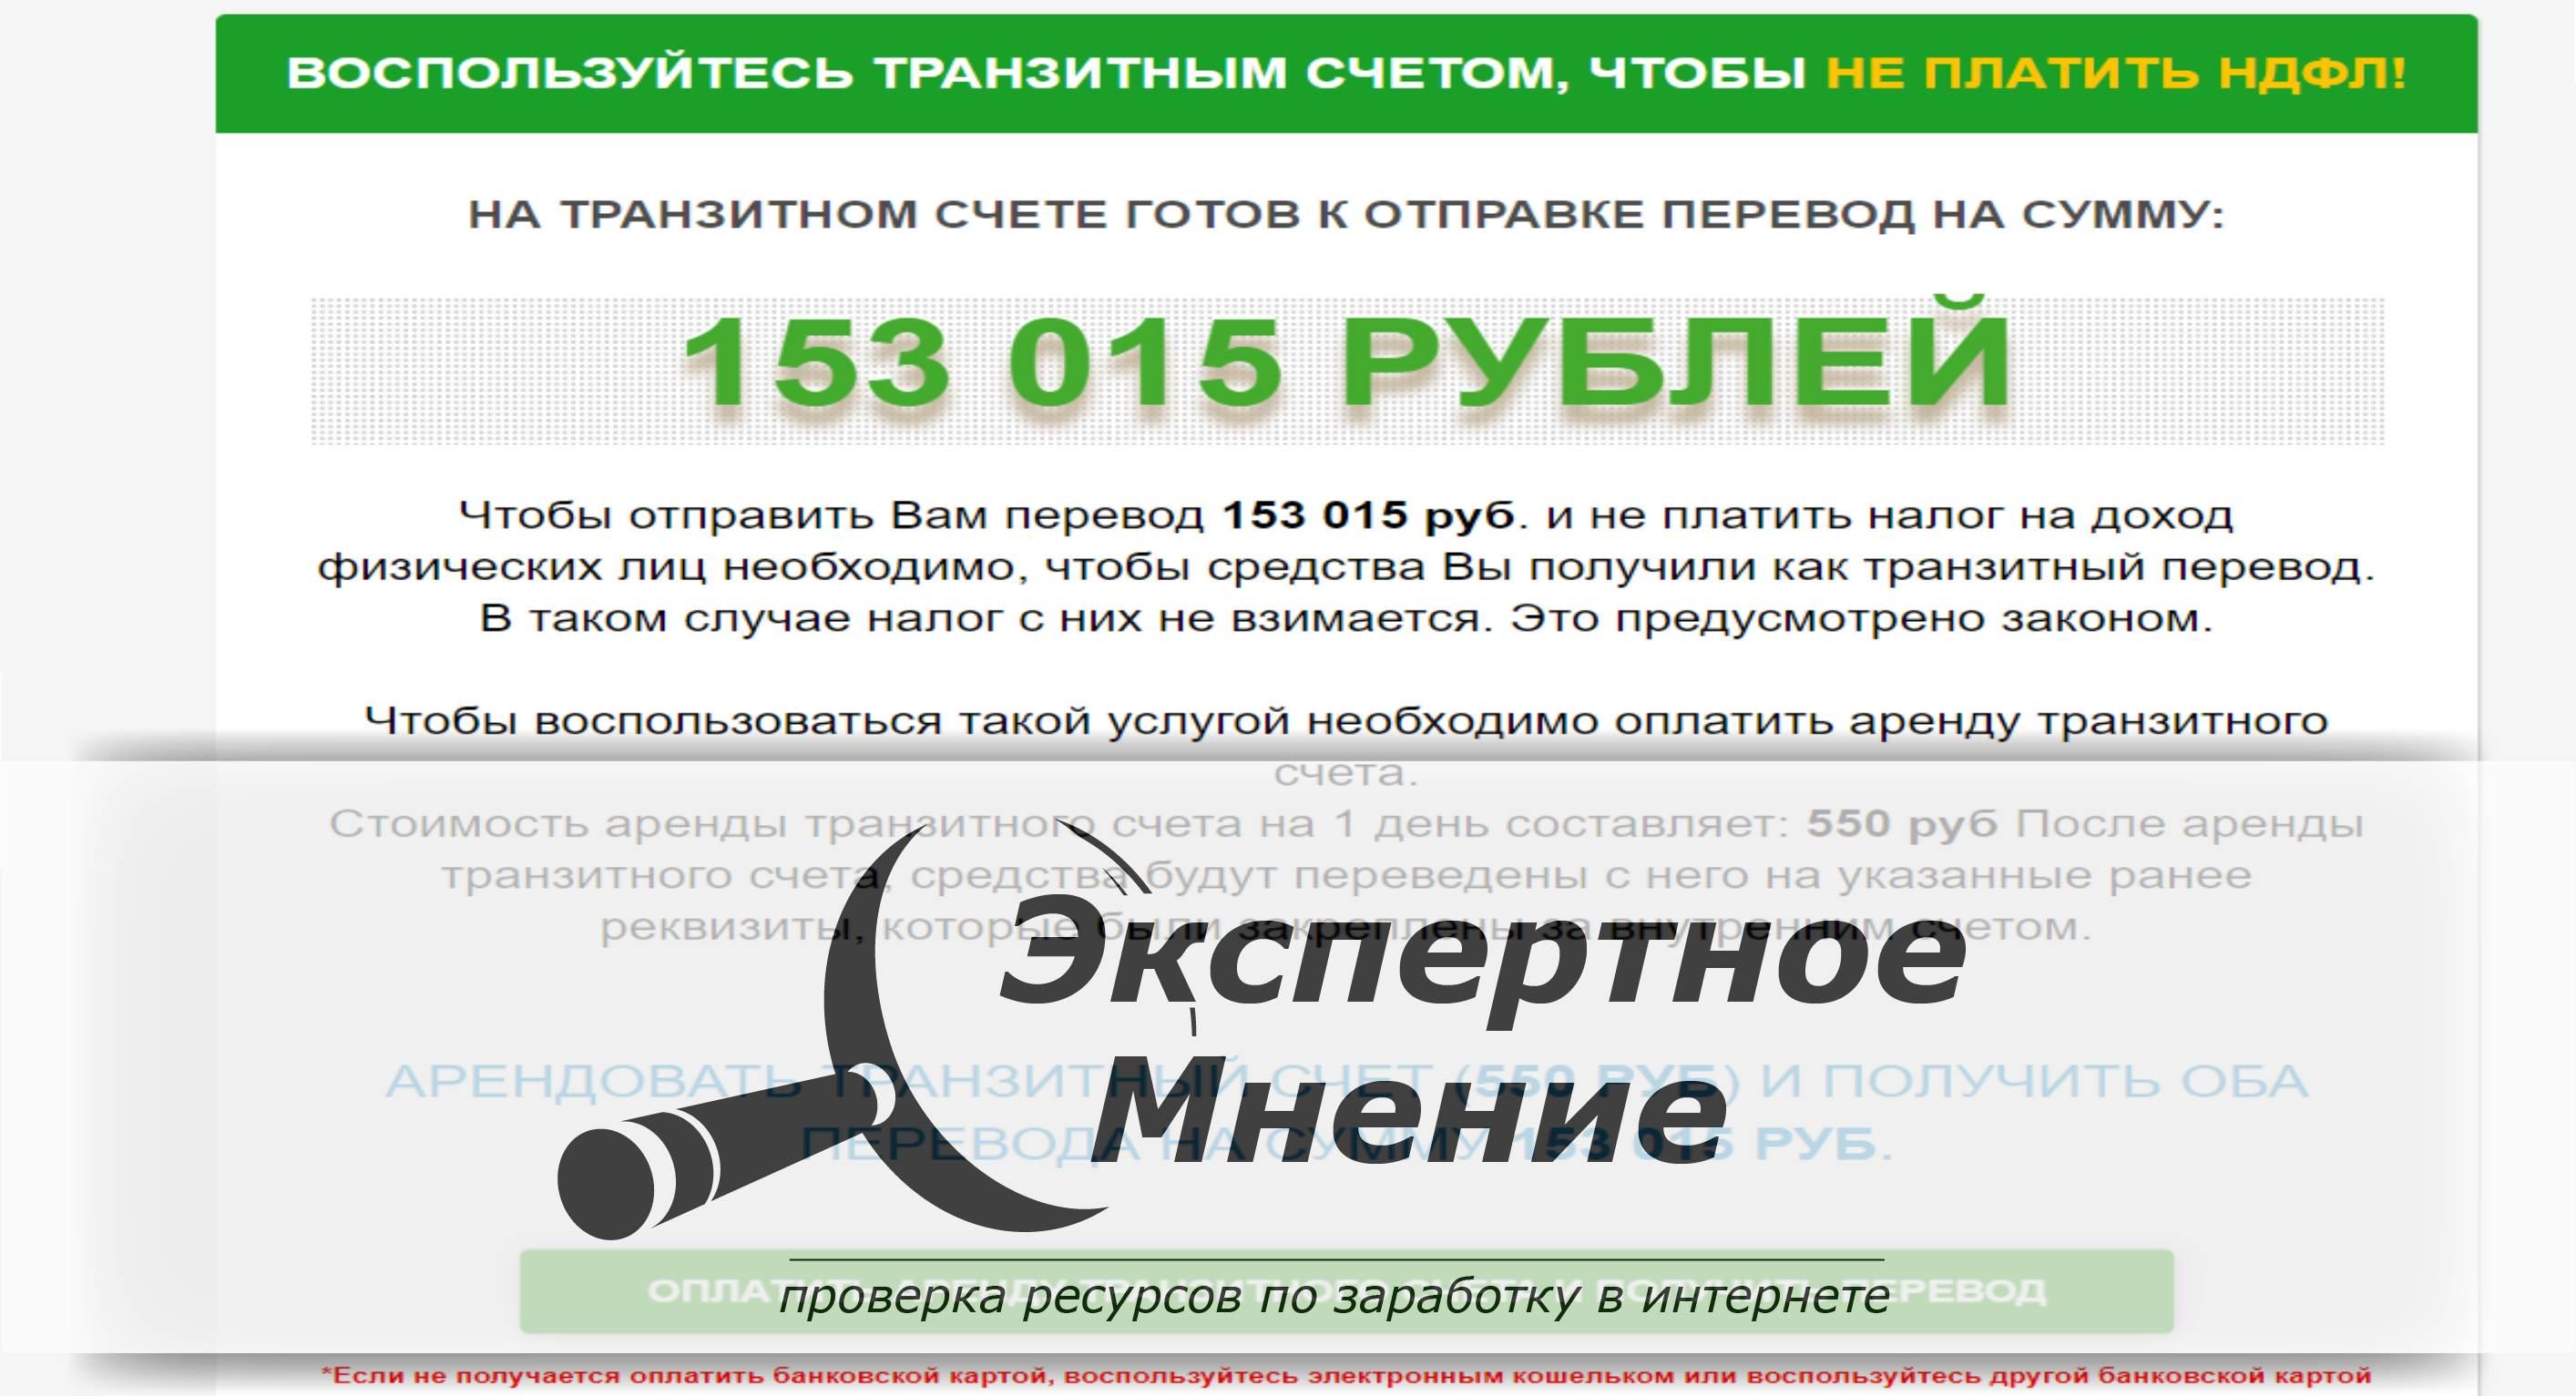 Платежные реквизиты, 30101810900000000603 в ГРКЦ ГУ Банка России по Нижегородской обл.